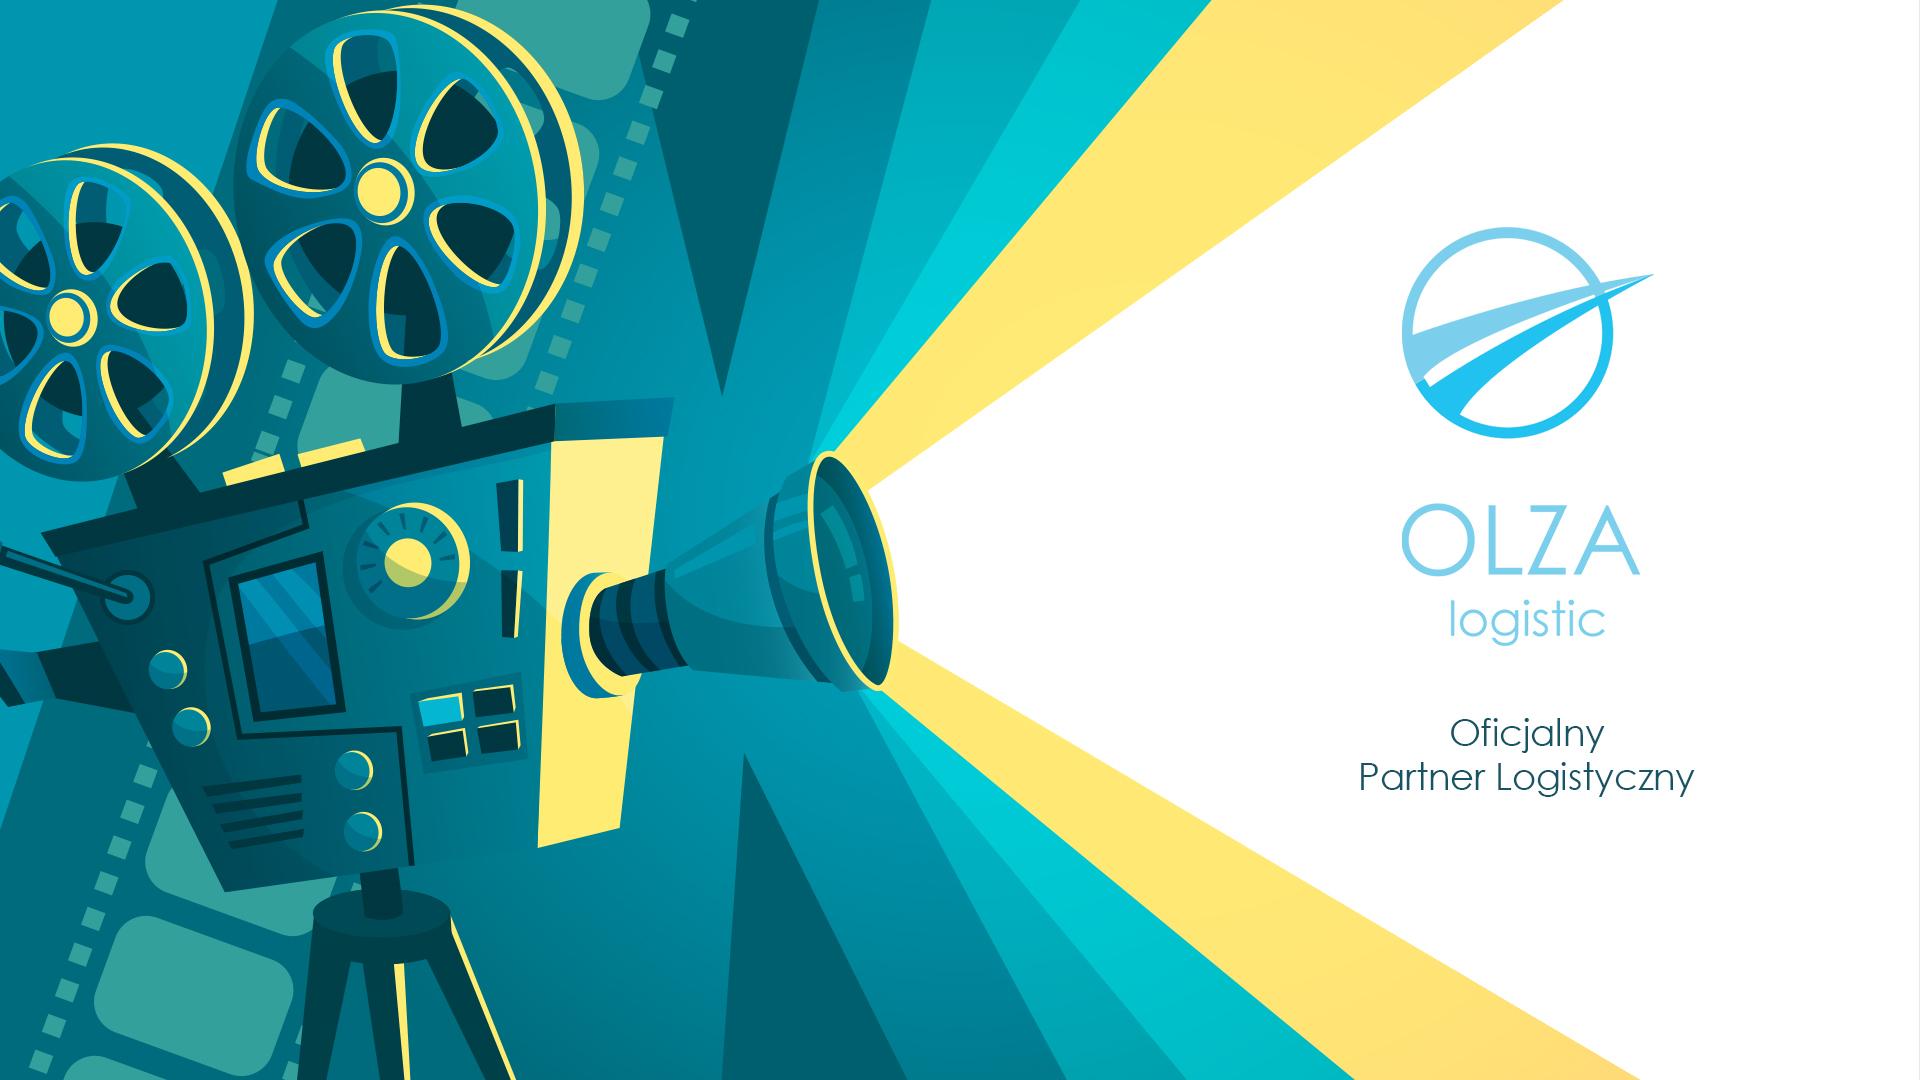 Olza Logistic partnerem logistycznym festiwalu Kino na Granicy